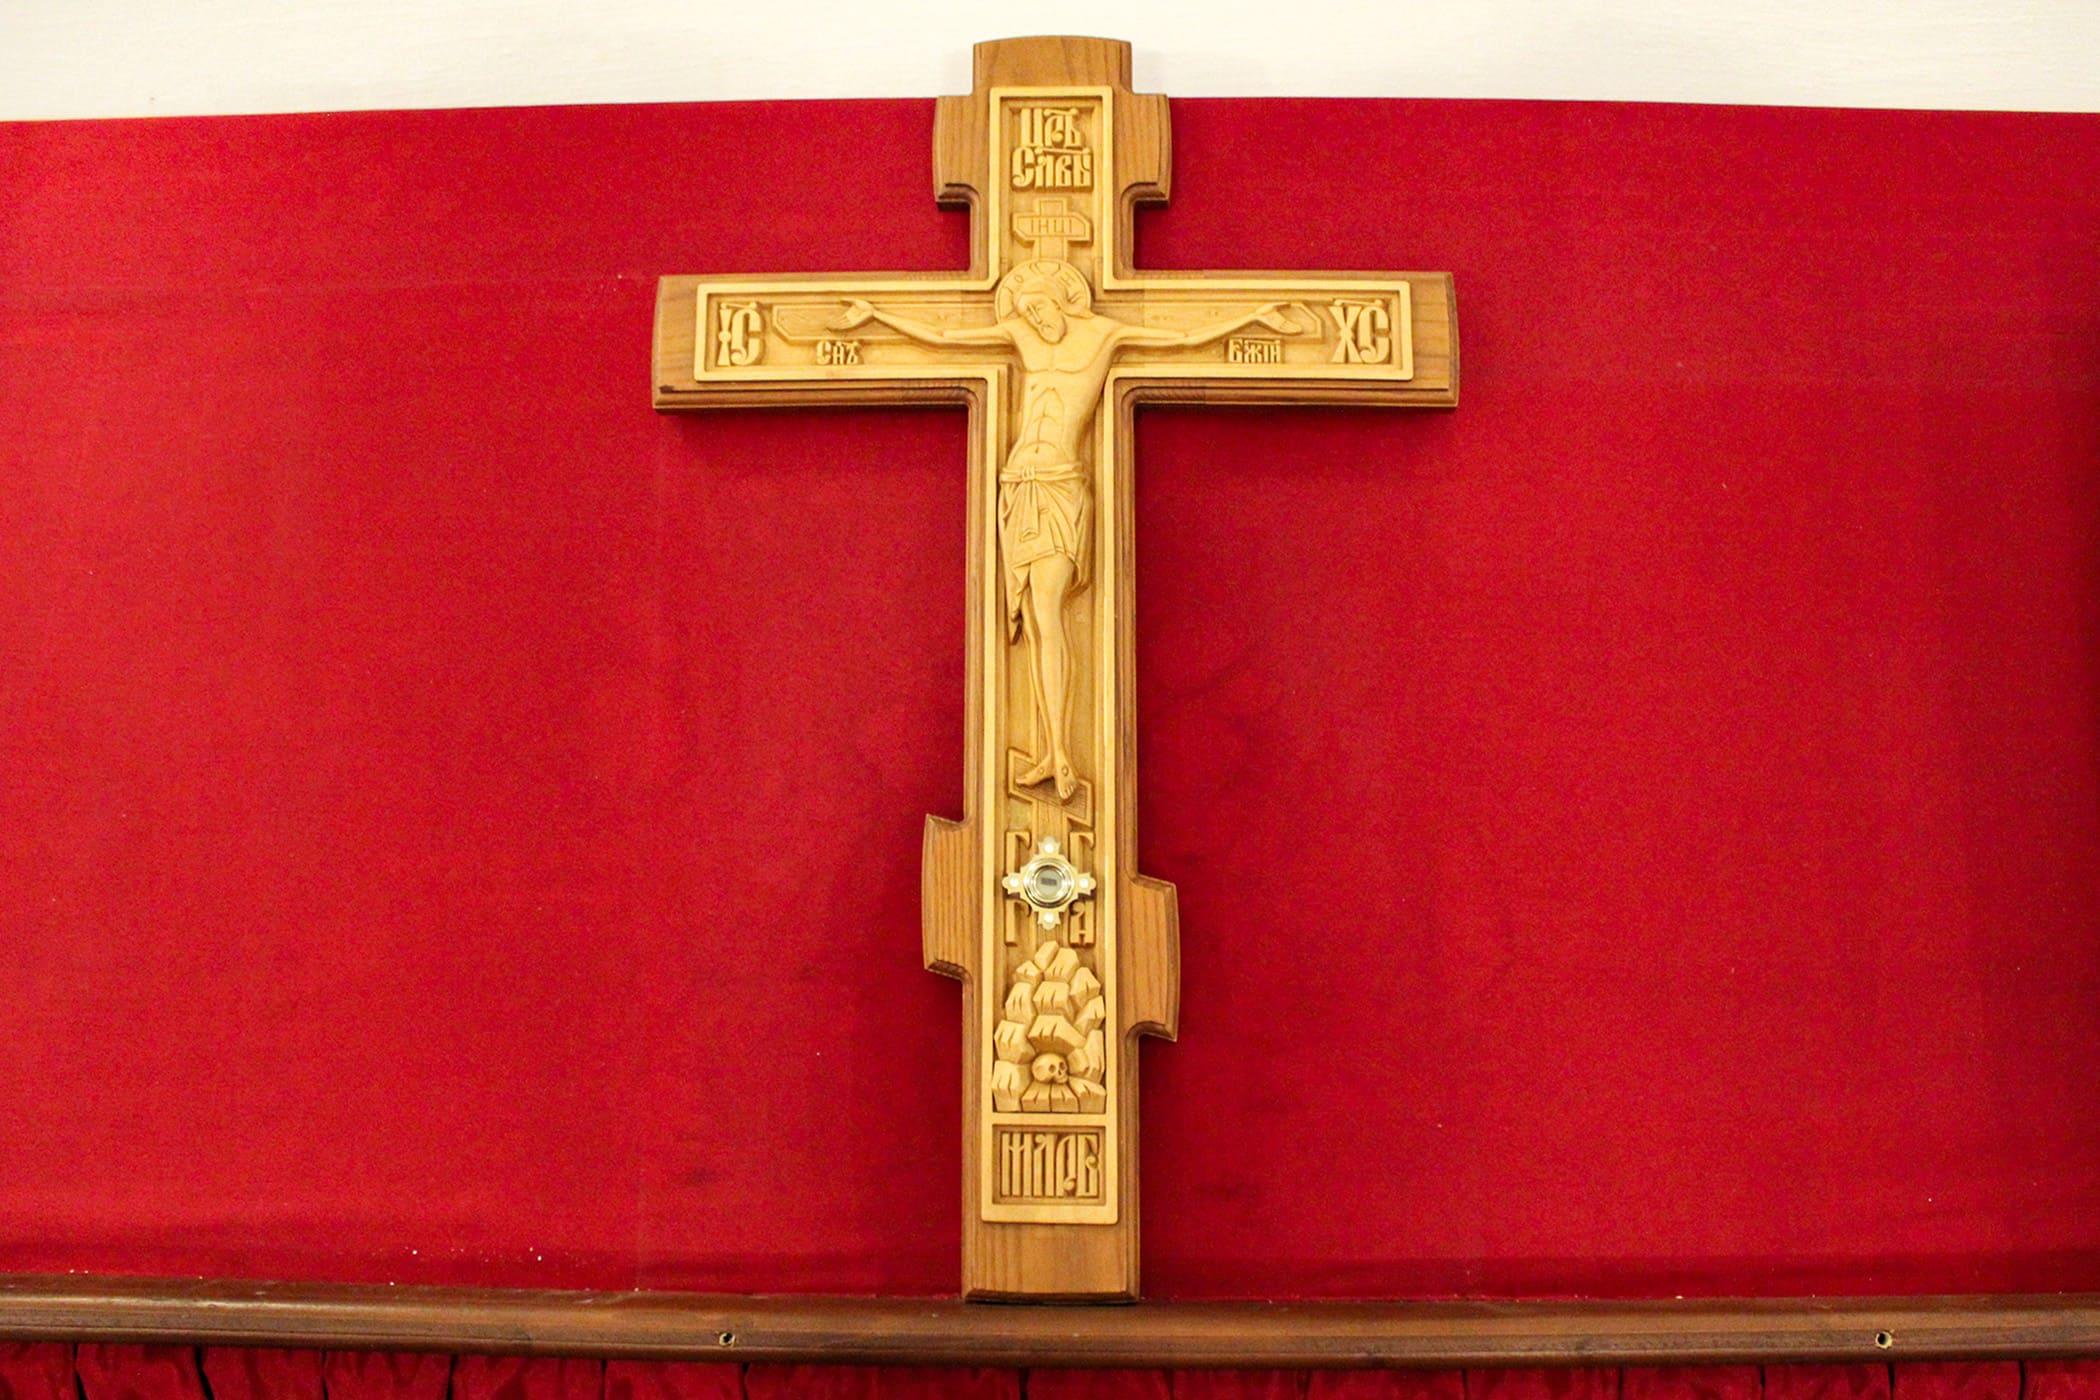 «Кресте пречестный, / eгоже обстоят чини ангельстии, веселящеся, / днесь воздвизаемь…» В Нило-Столобенской пустыни встретили двунадесятый праздник Воздвижения Честного и Животворящего Креста Господня 29